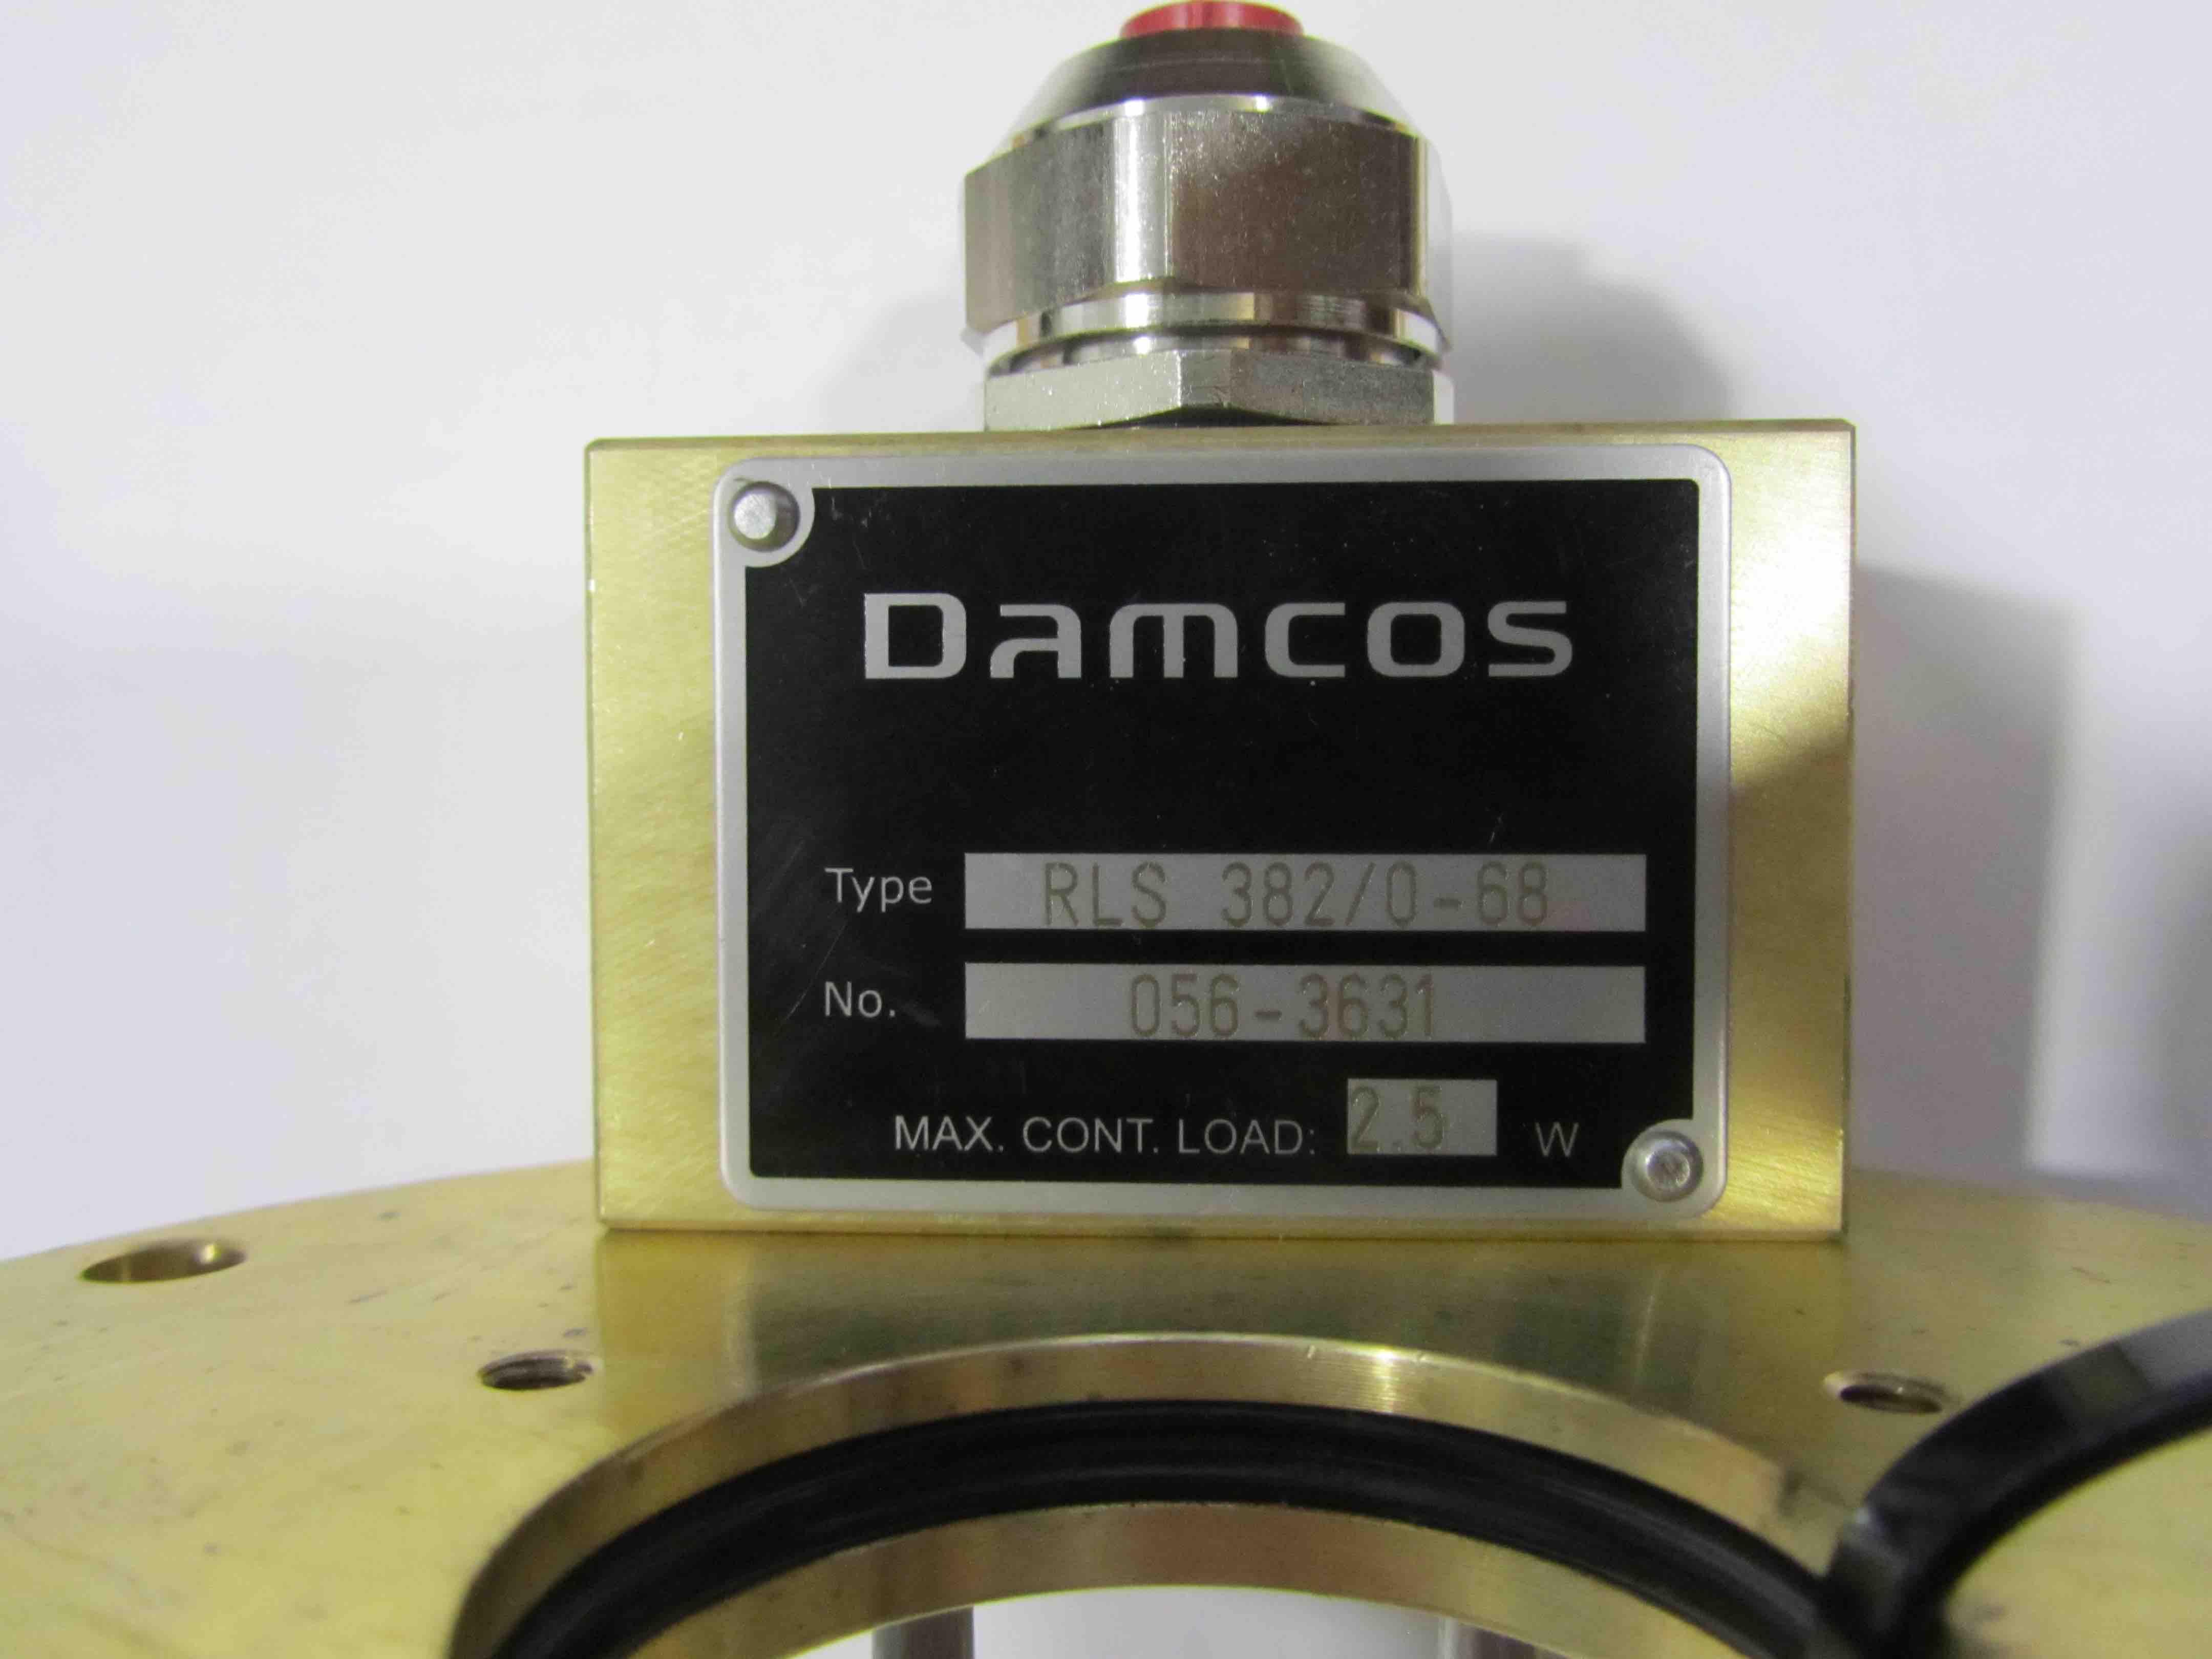 Damcos RLS 382:0-68 056-3631